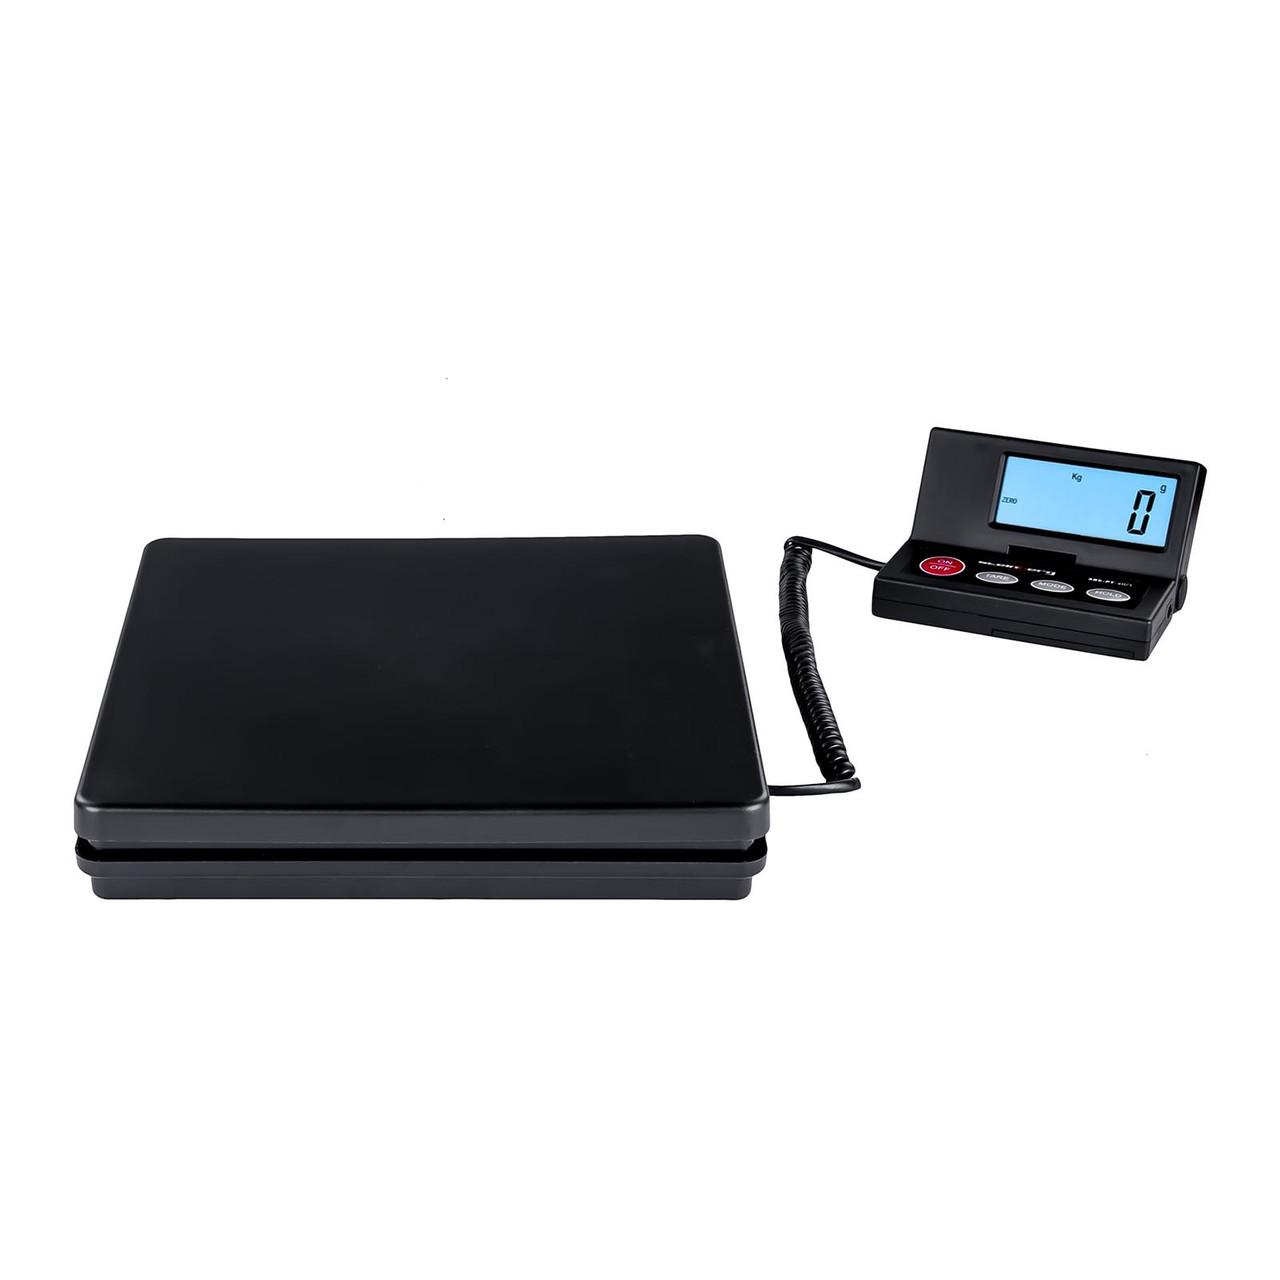 Весы складские настольные - 50 кг / 2 г - ЖК-терминал - Базовый Steinberg Basic